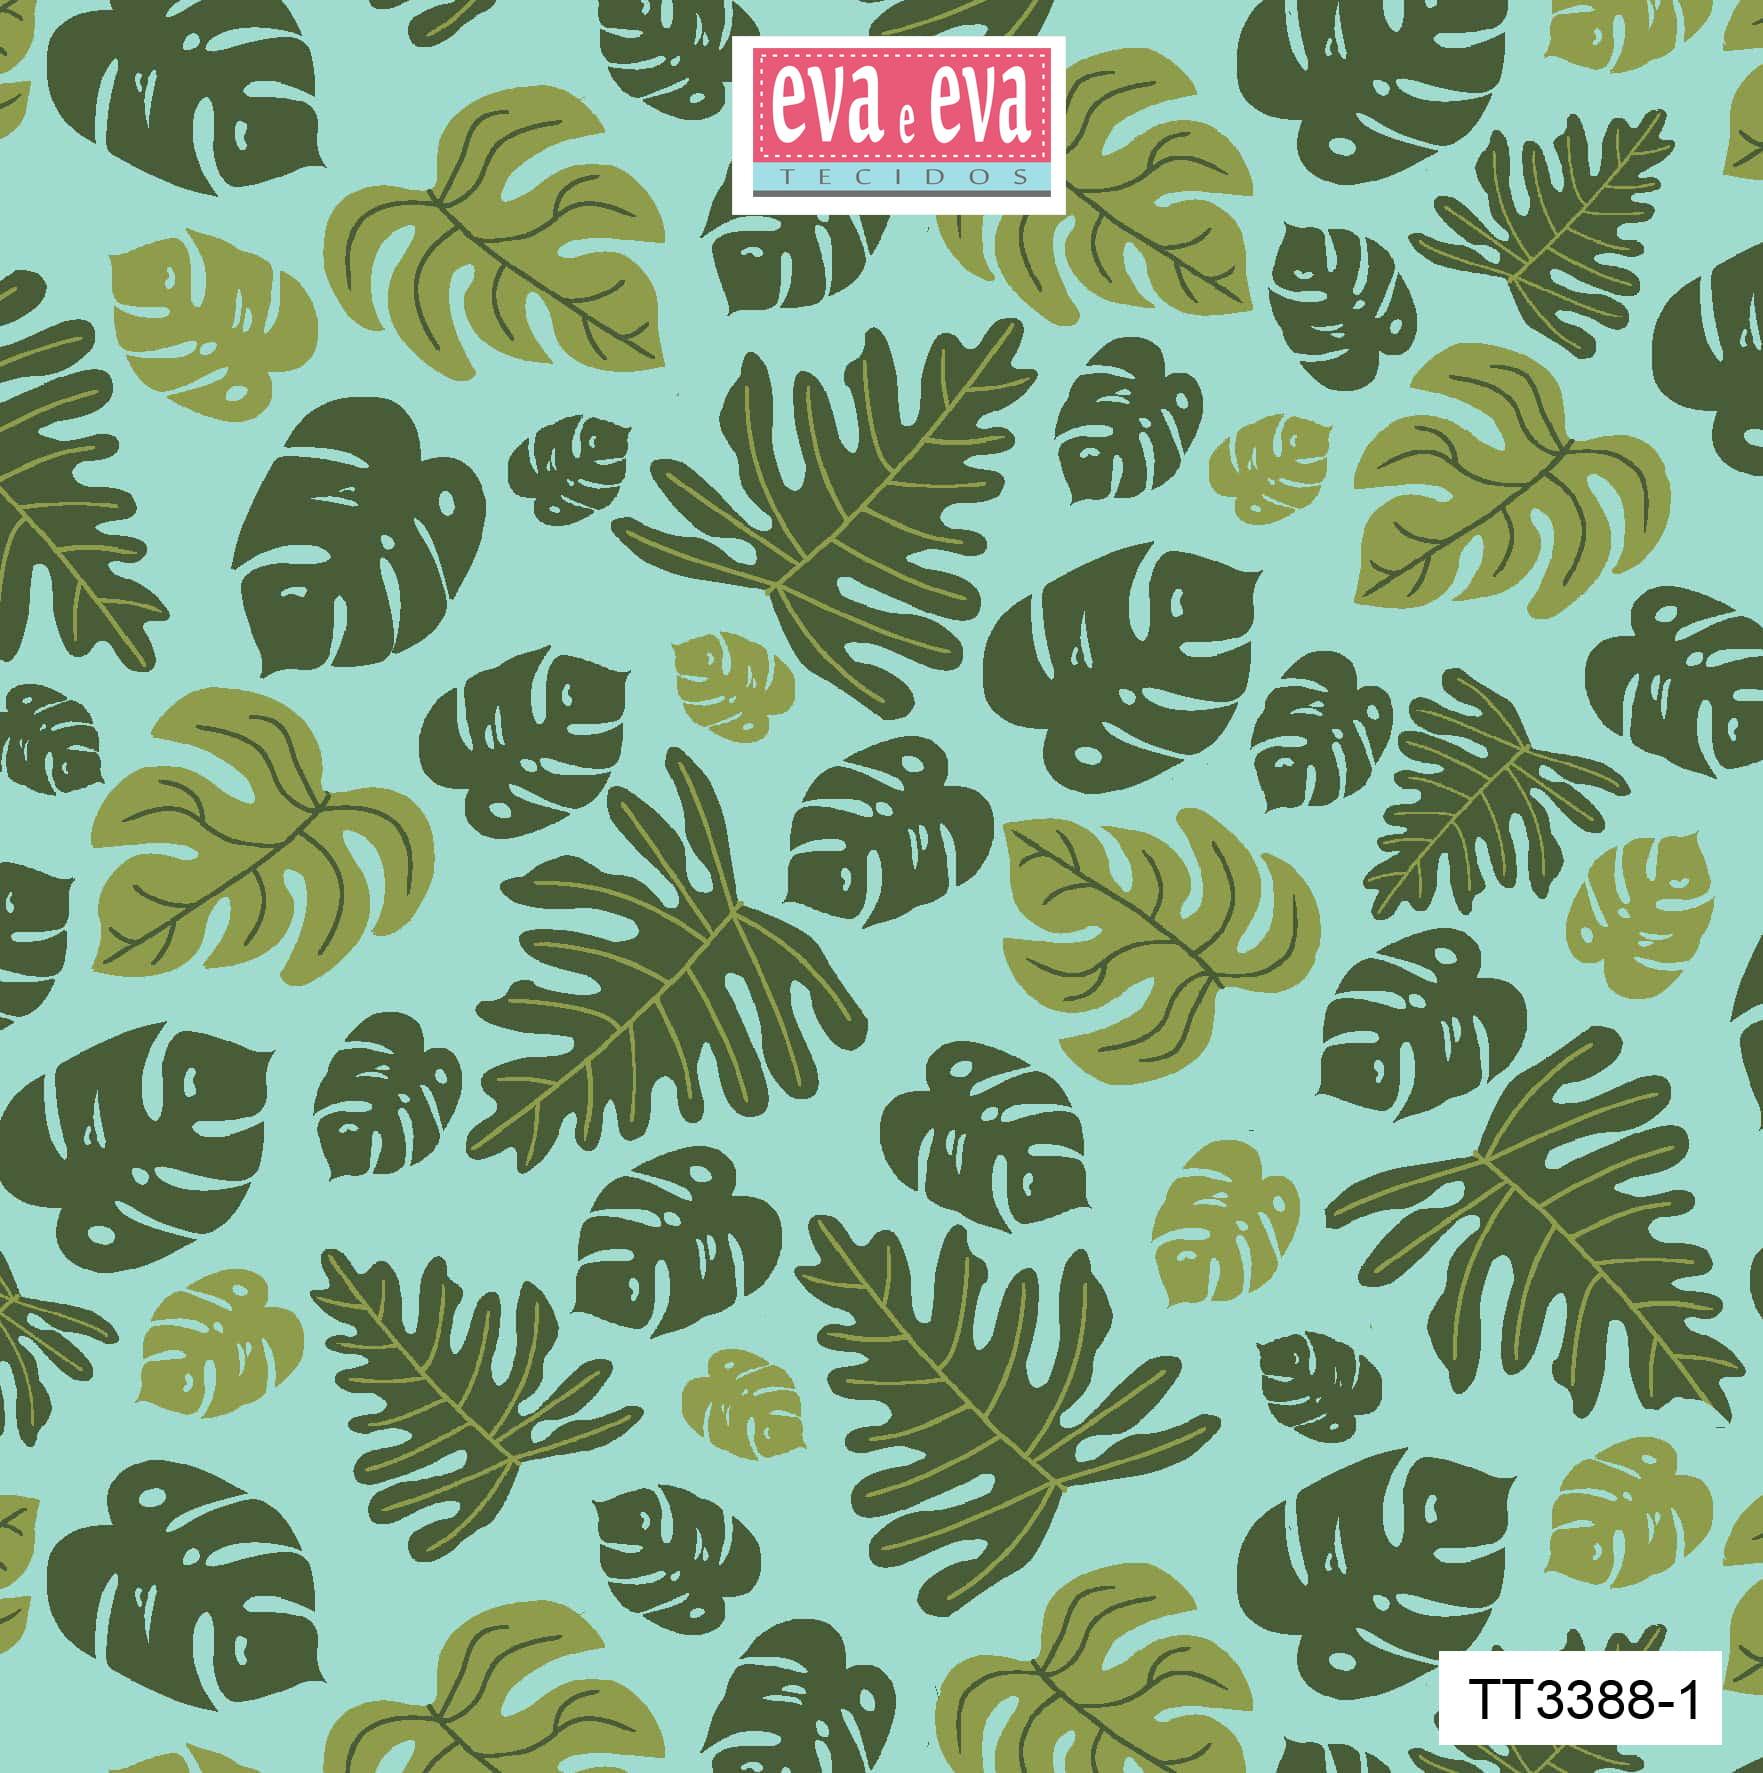 Tecido tricoline estampada da Eva e Eva - Coleção Tucano Tropical - TT3388-1